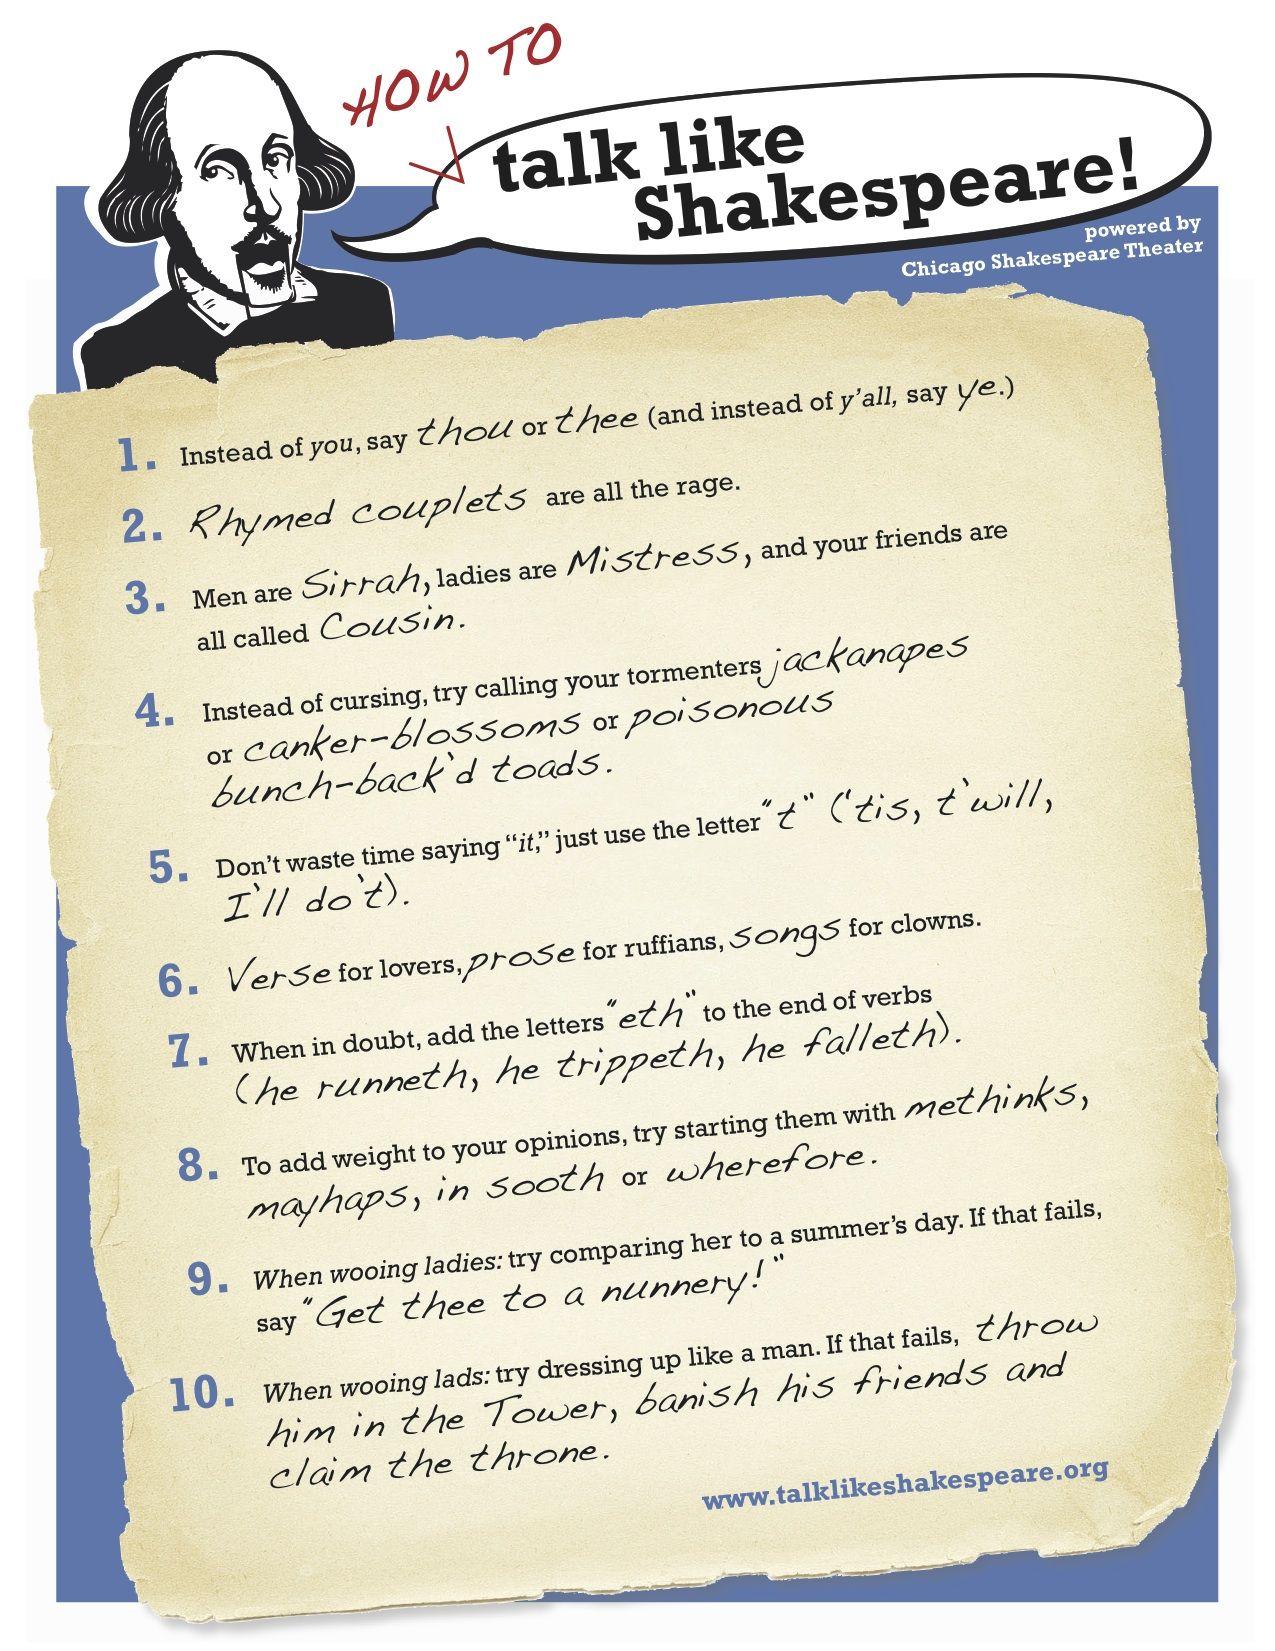 51edd55e38c7cd2249a8b29ab0e5b97c Jpg 1275 1651 Shakespeare Lessons Teaching Literature Teaching Shakespeare